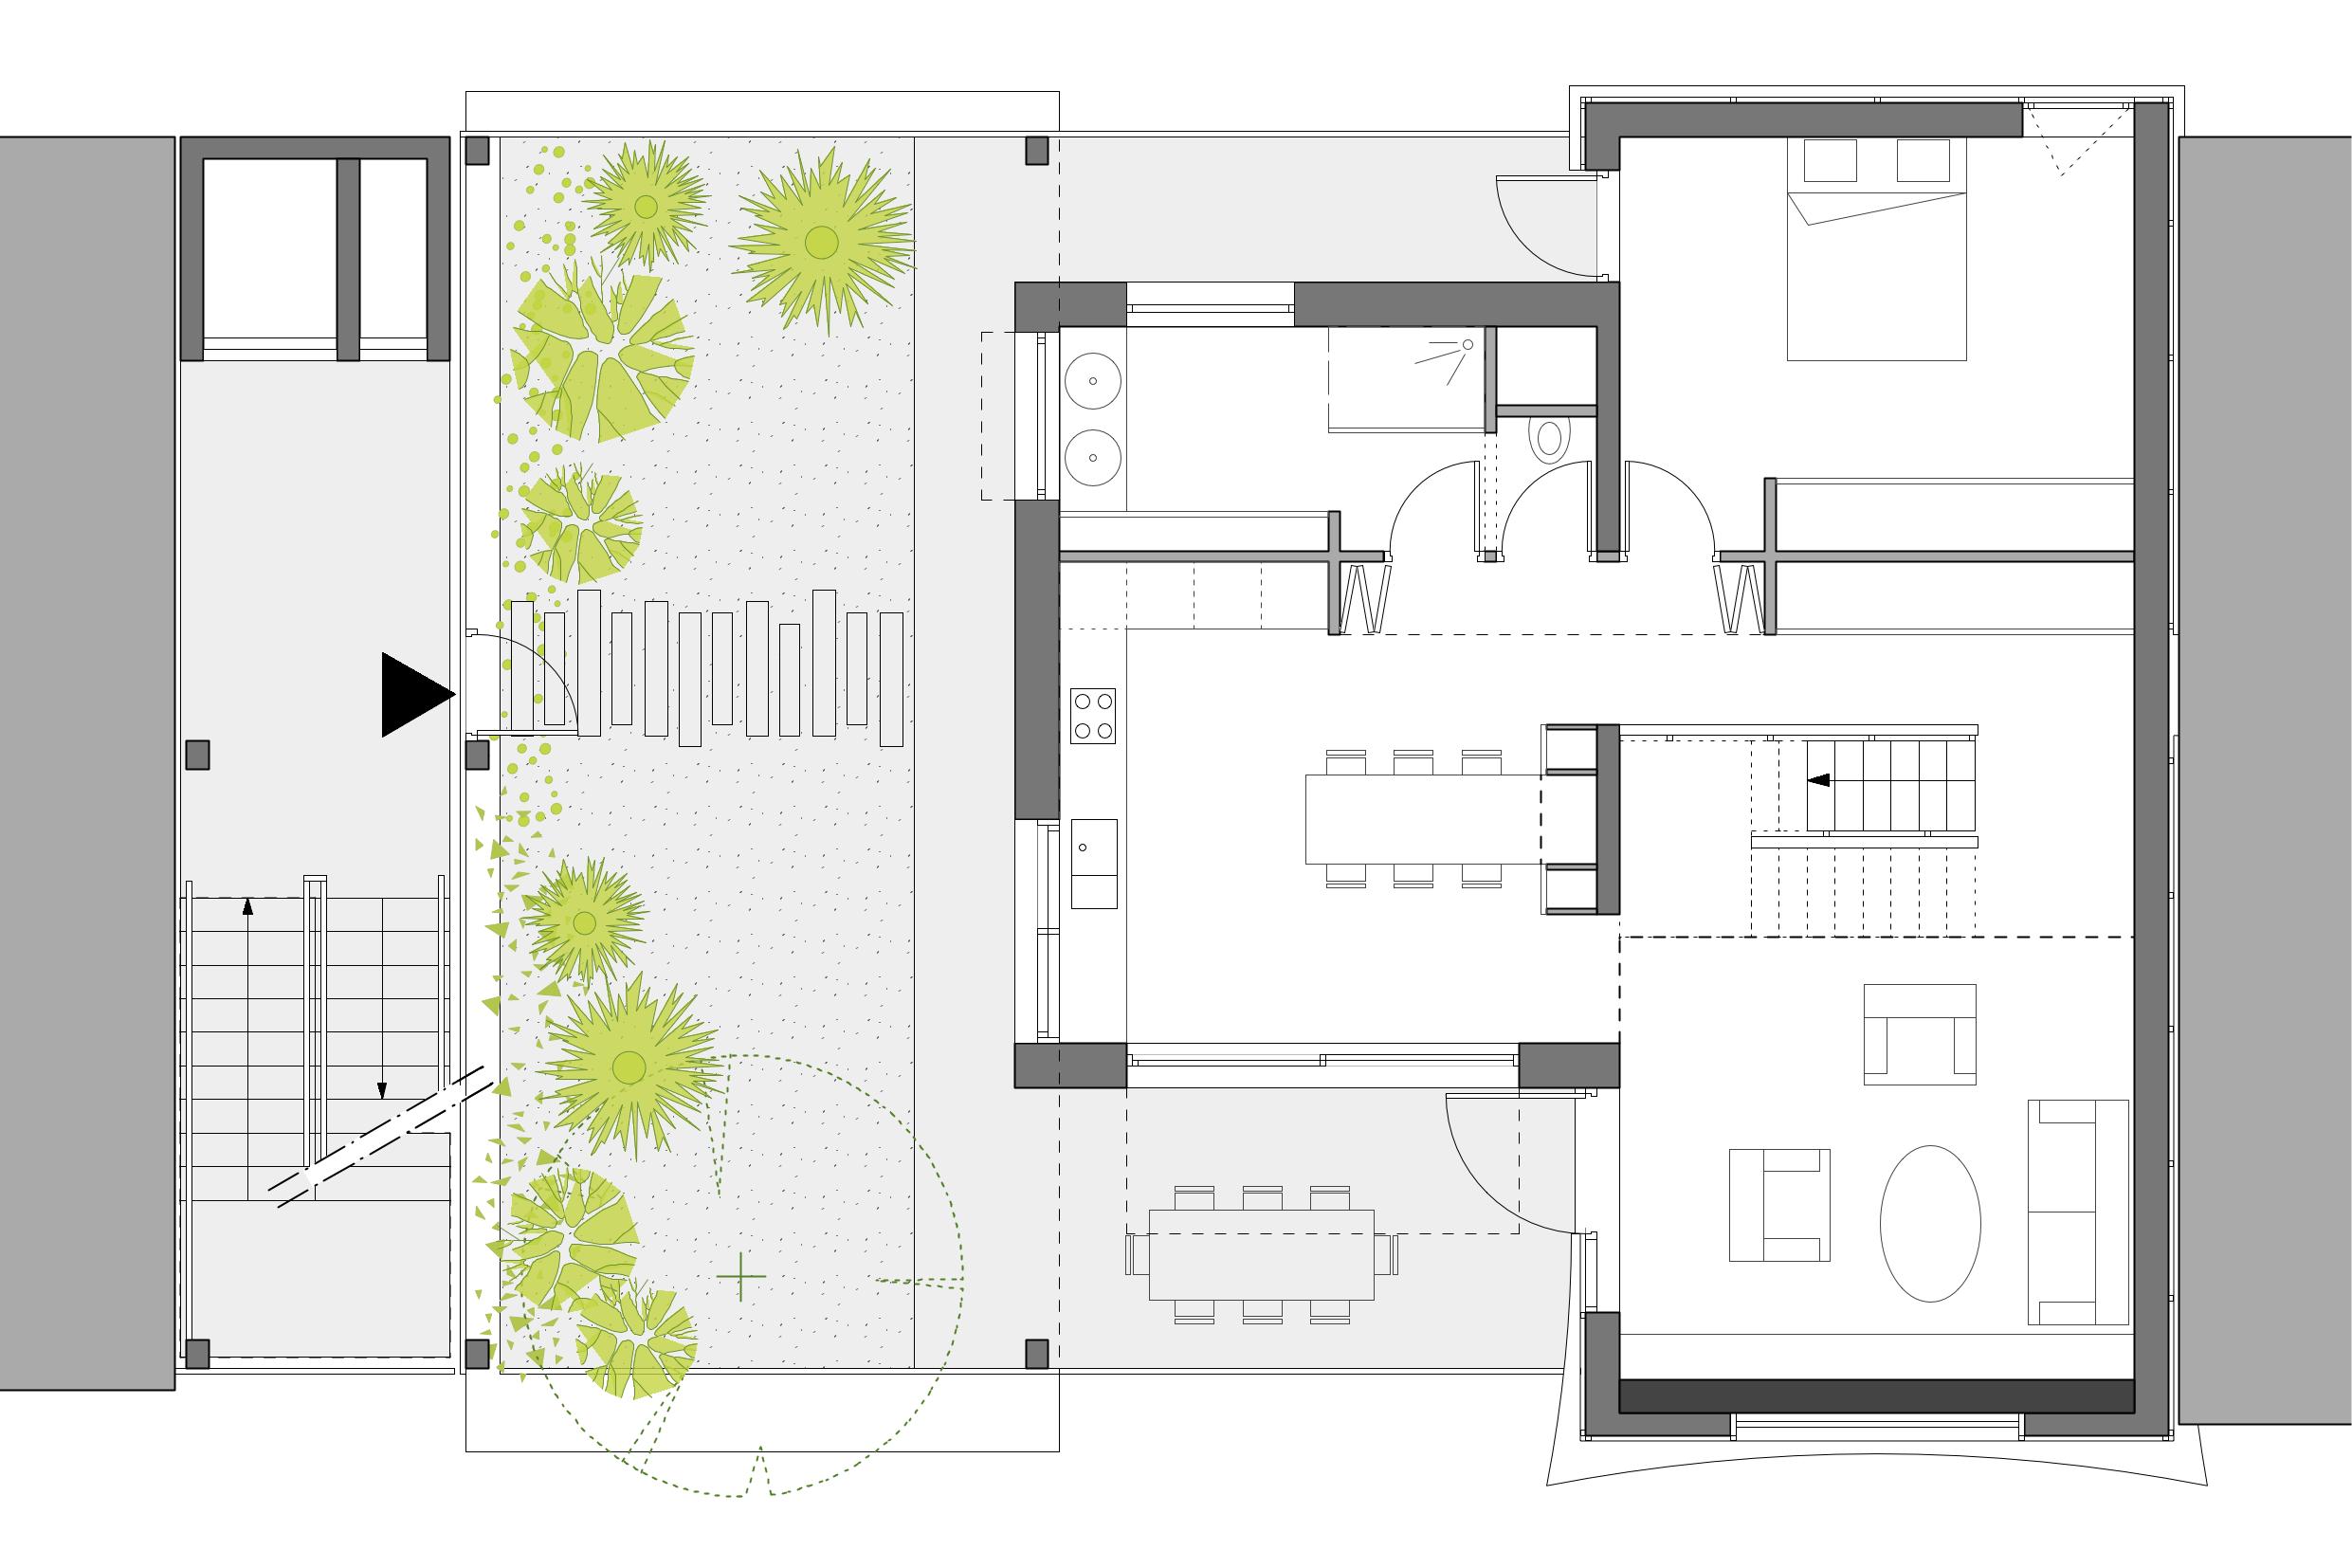 christophe-benichou-architectures-impasse-ciel-lotissement-vertical-17